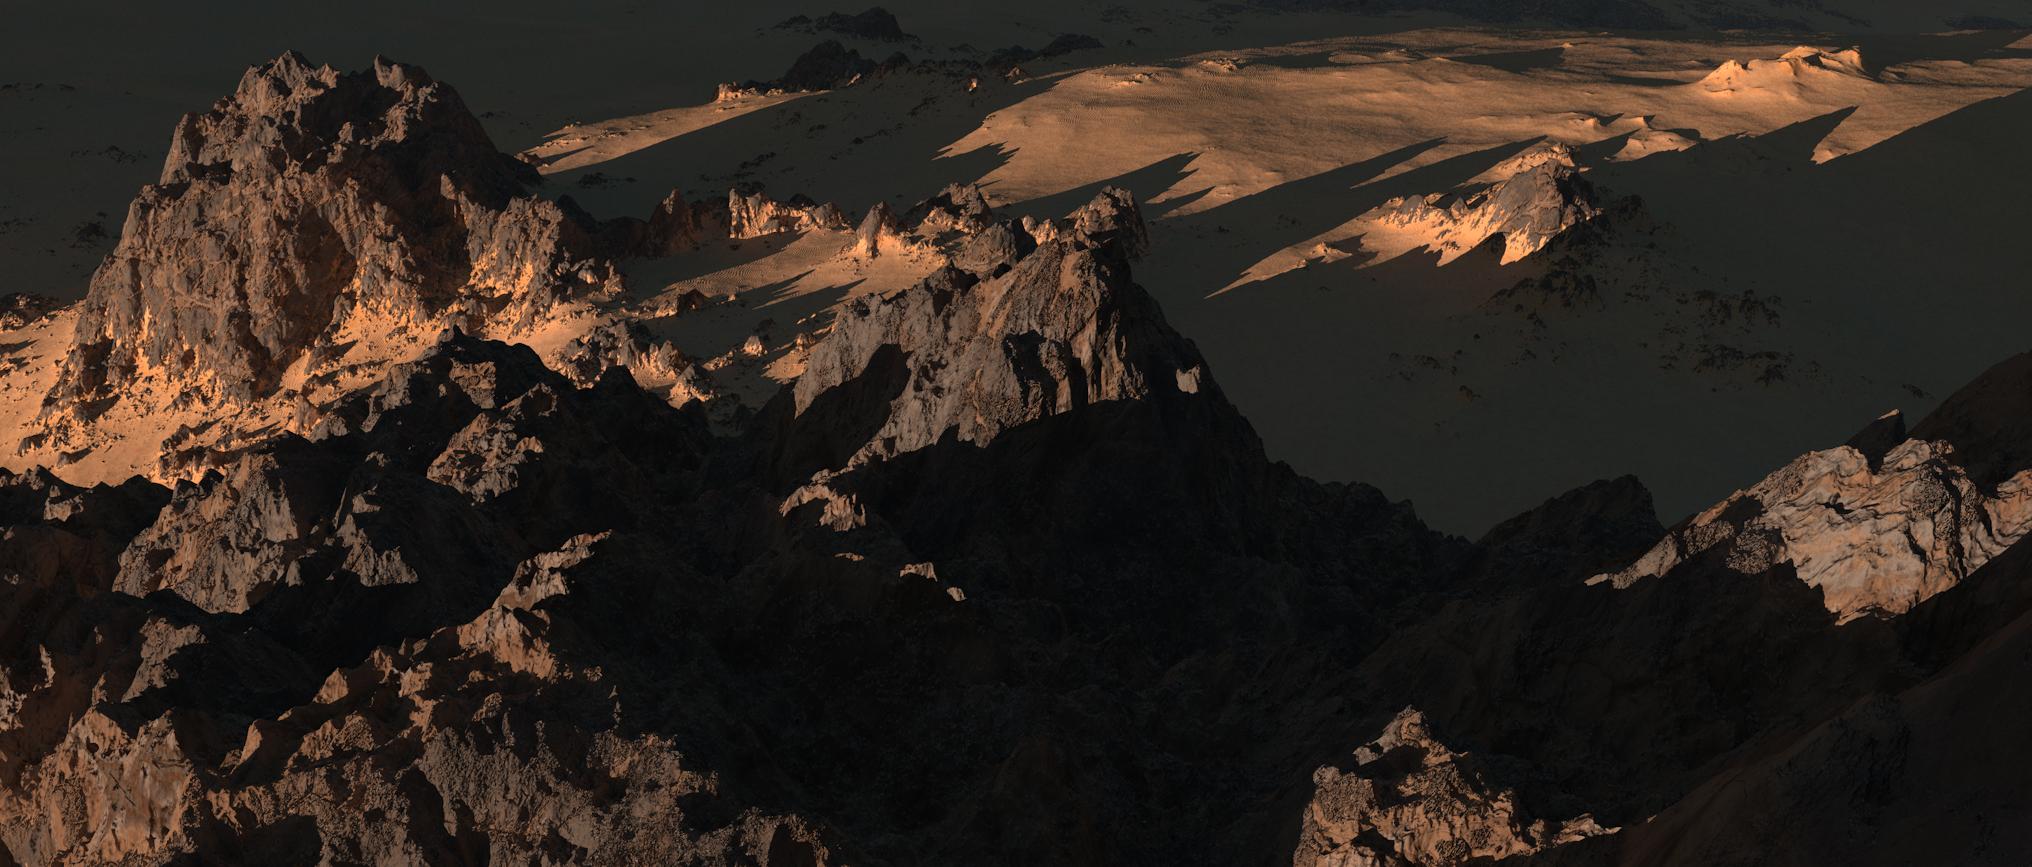 NY_desert19b.jpg